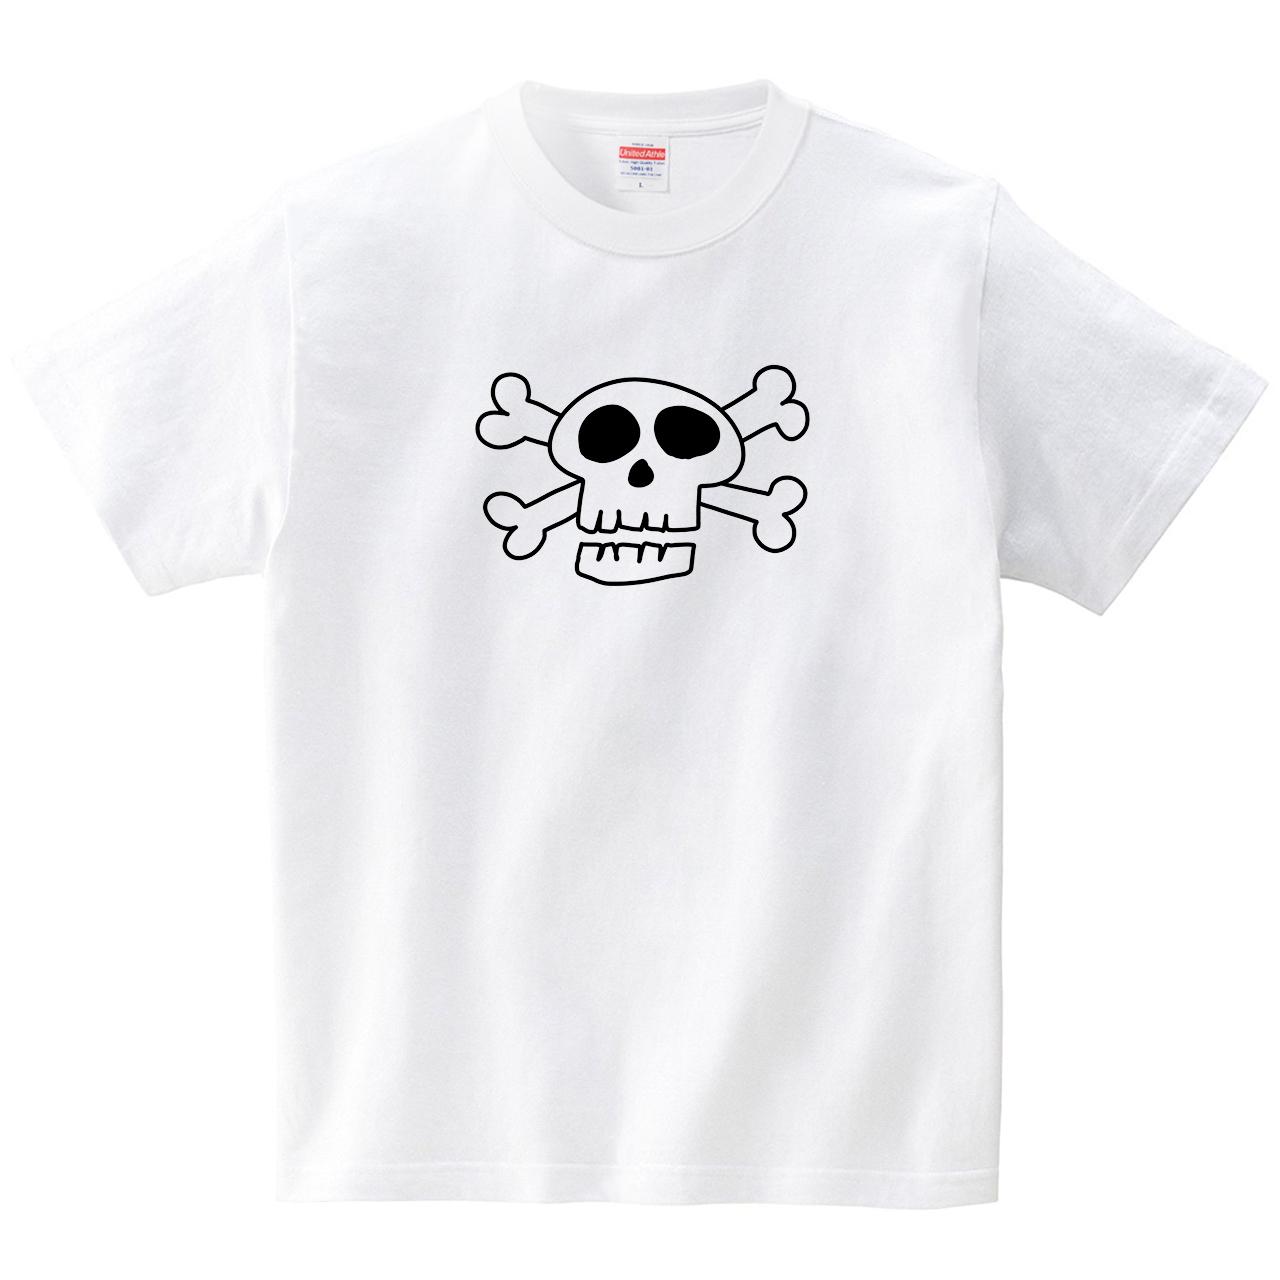 ガイコツ(Tシャツ・ホワイト)(GMDW)